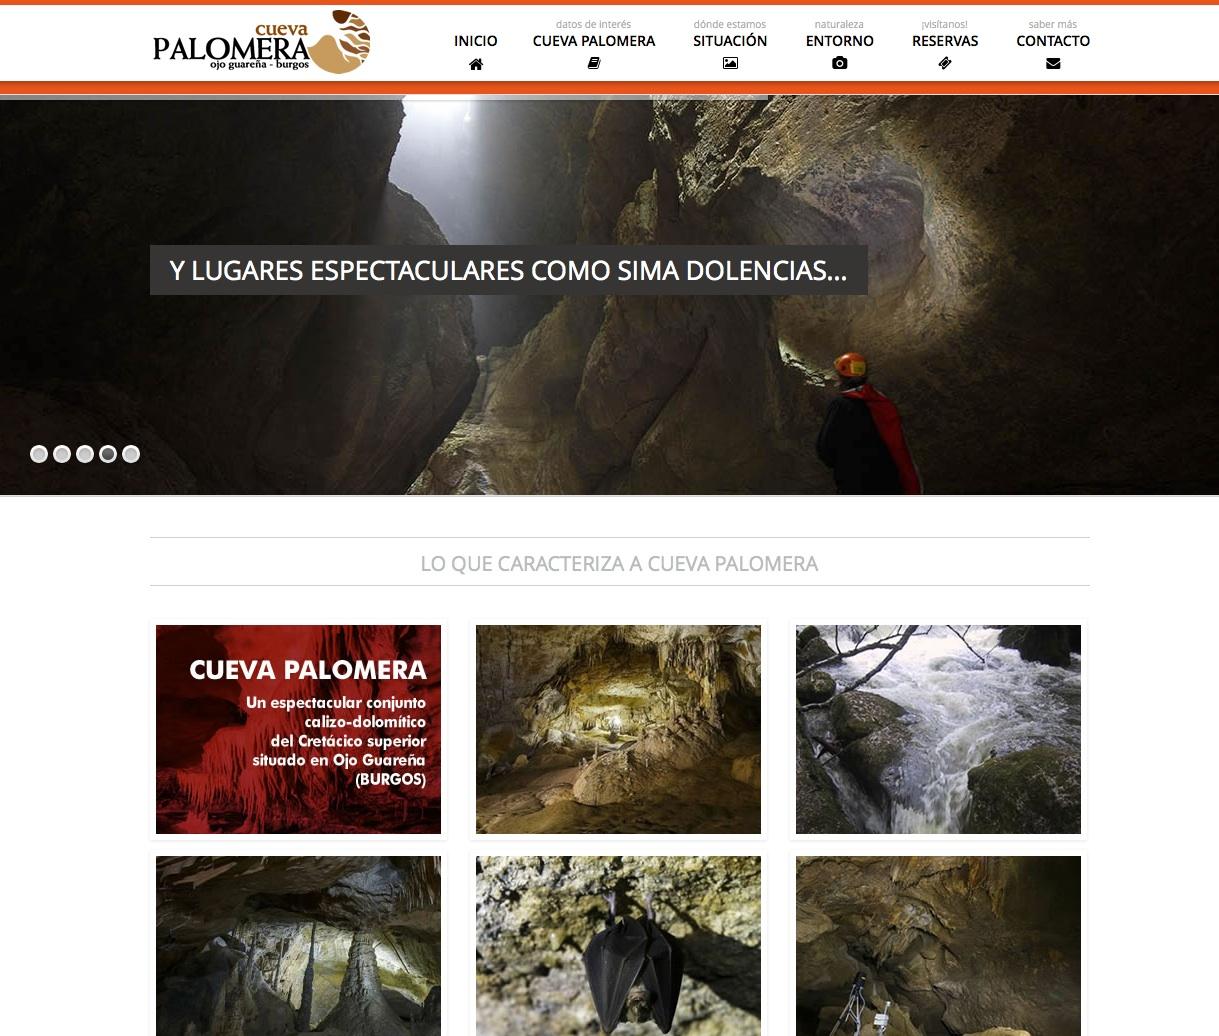 Cueva Palomera, una de las mayores de España, tiene su web creada por Gesdinet